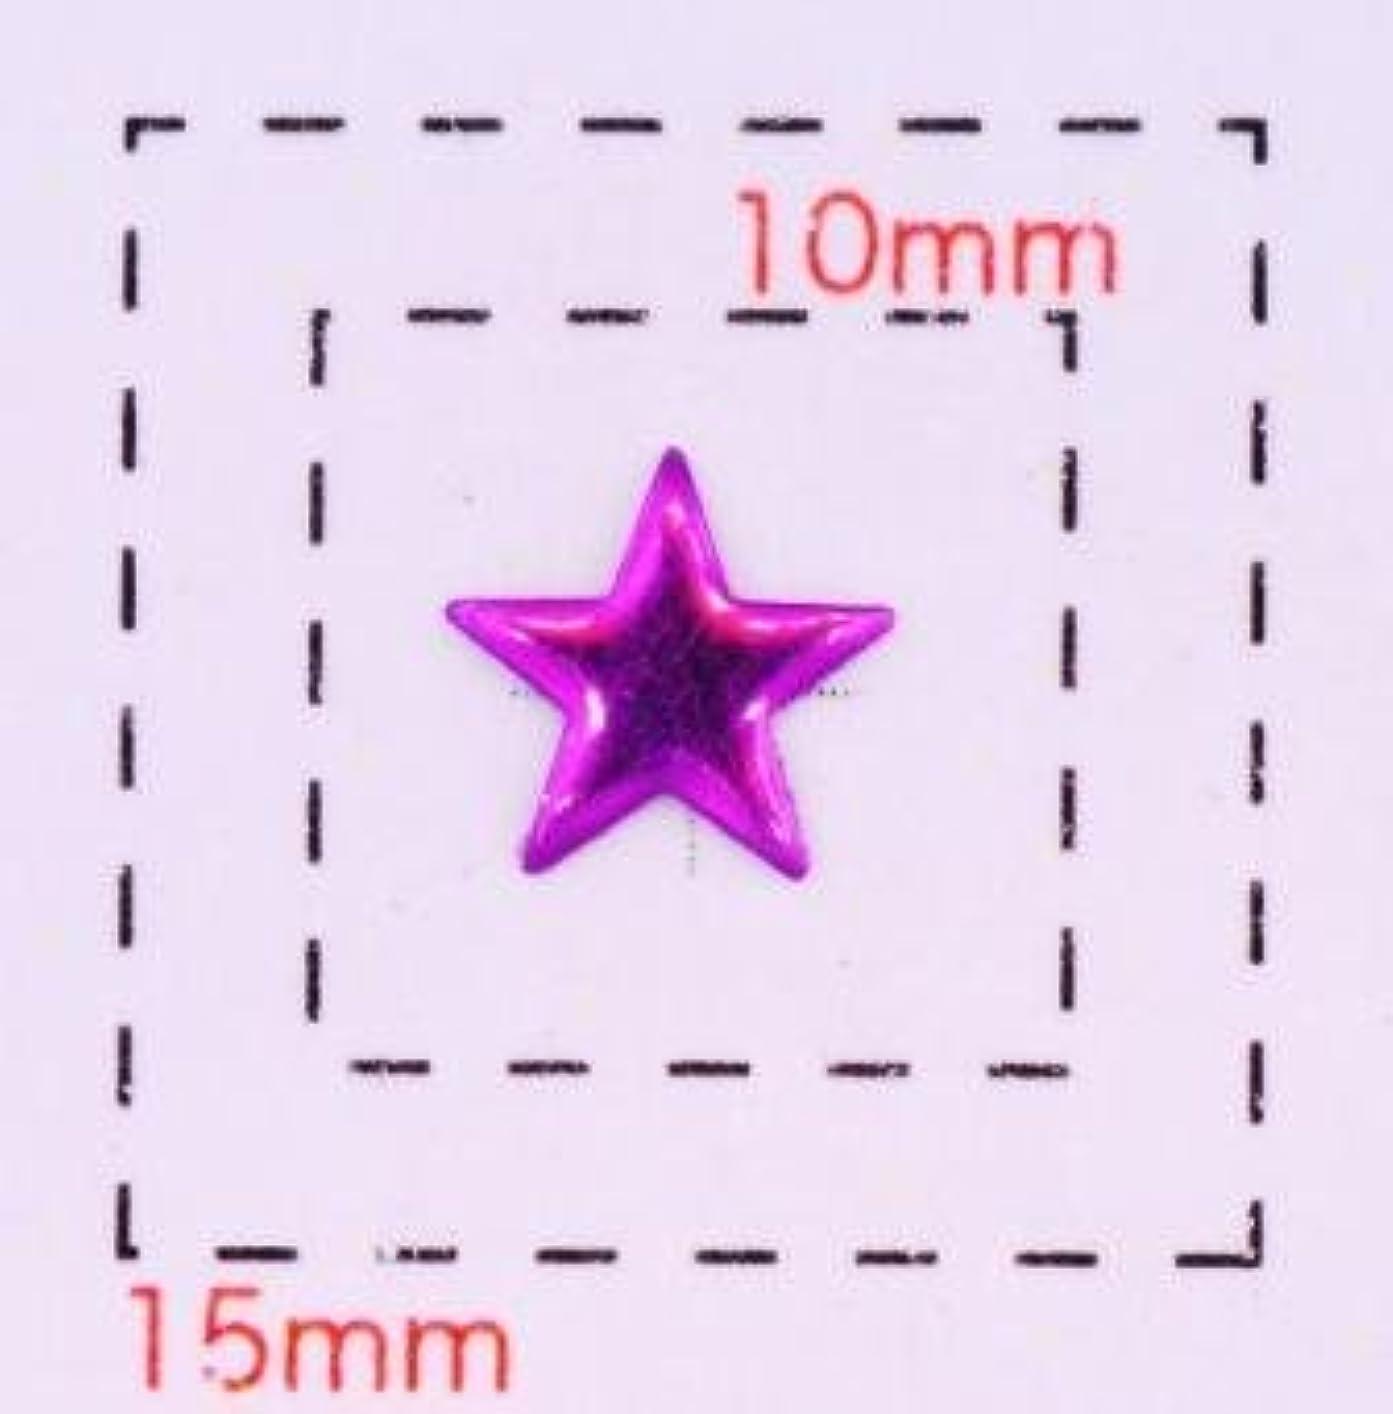 アイザック地殻悲しいことに星型カラフルスタッズ6ミリ(星)《ネイル?デコ電用メタルパーツ》パープル10個入